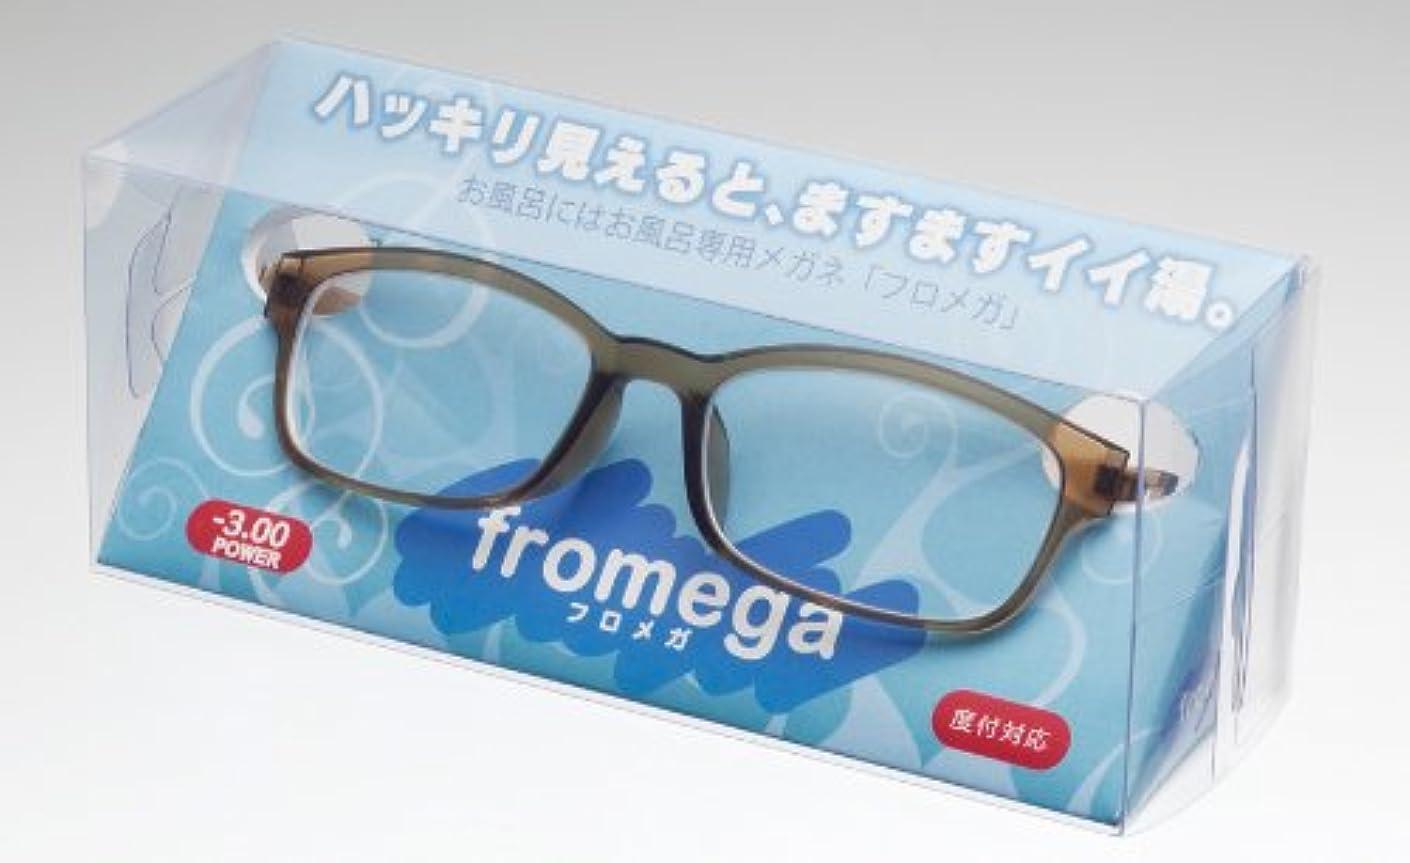 始める保証代理人お風呂用メガネ fromegaフロメガIL-001-8.00